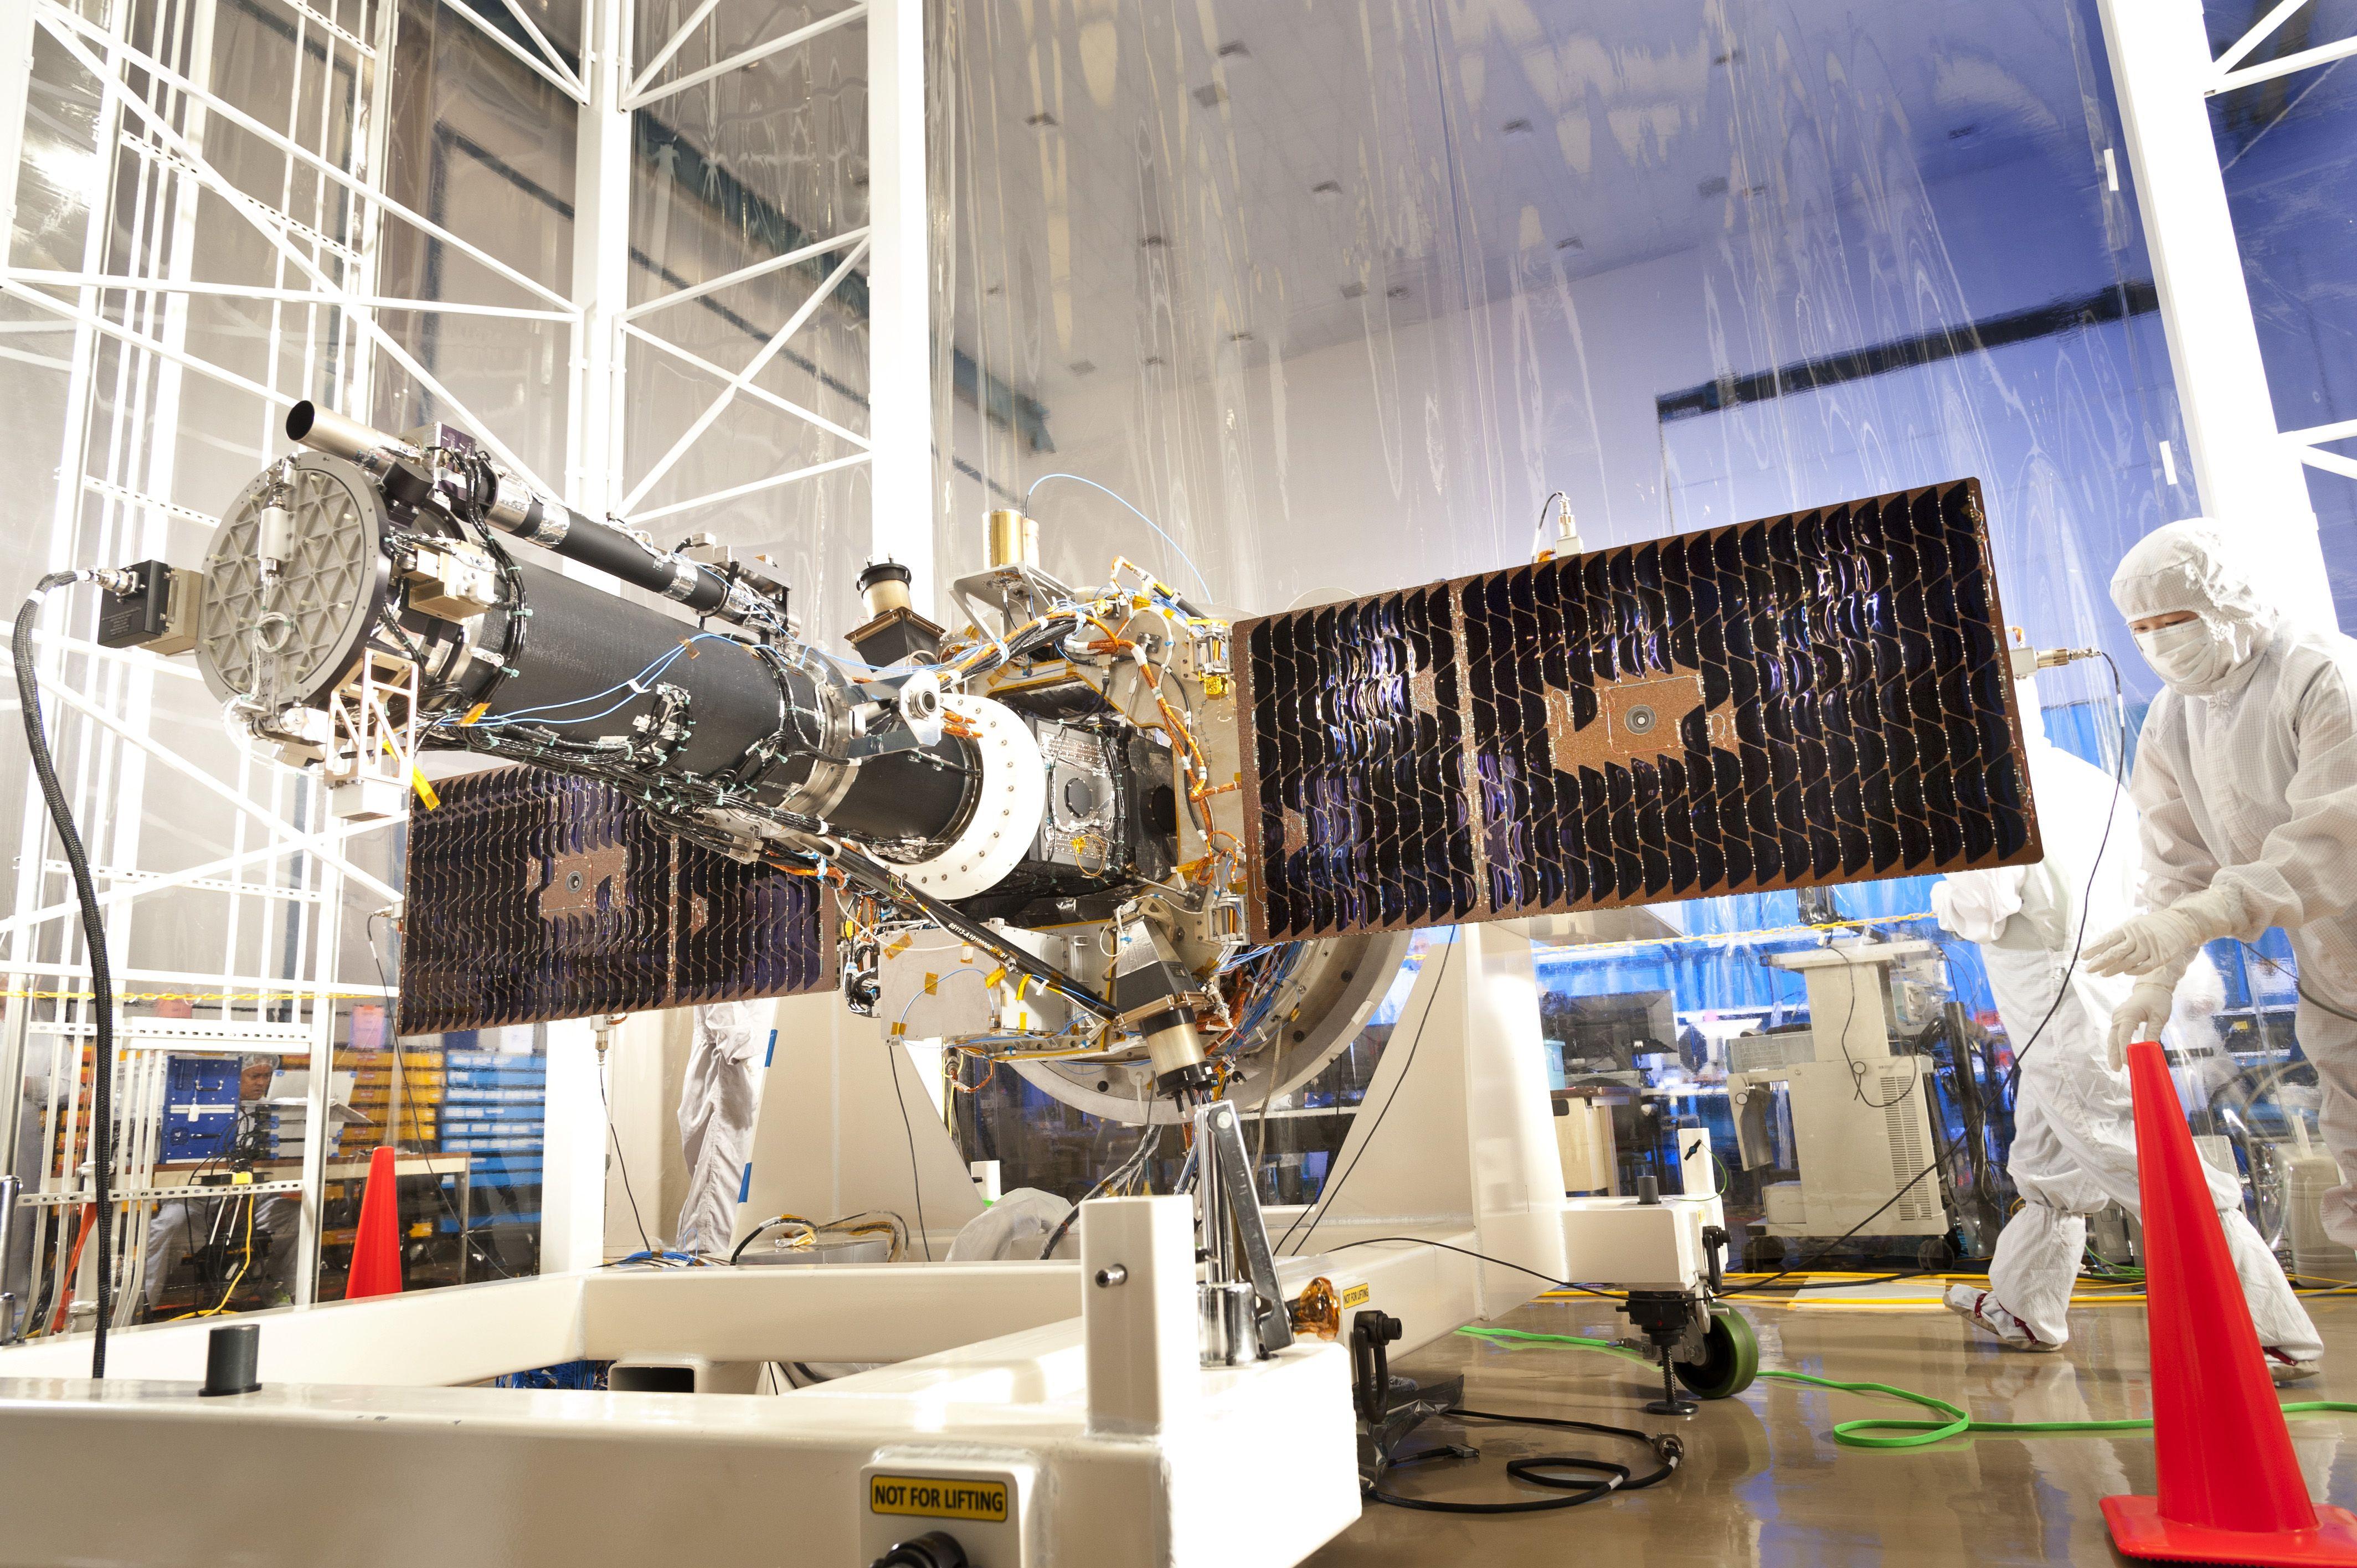 Centro Espacial de Vuelos, Goddard. Preparación de un satélite con espectrógrafo. Crédito: NASA